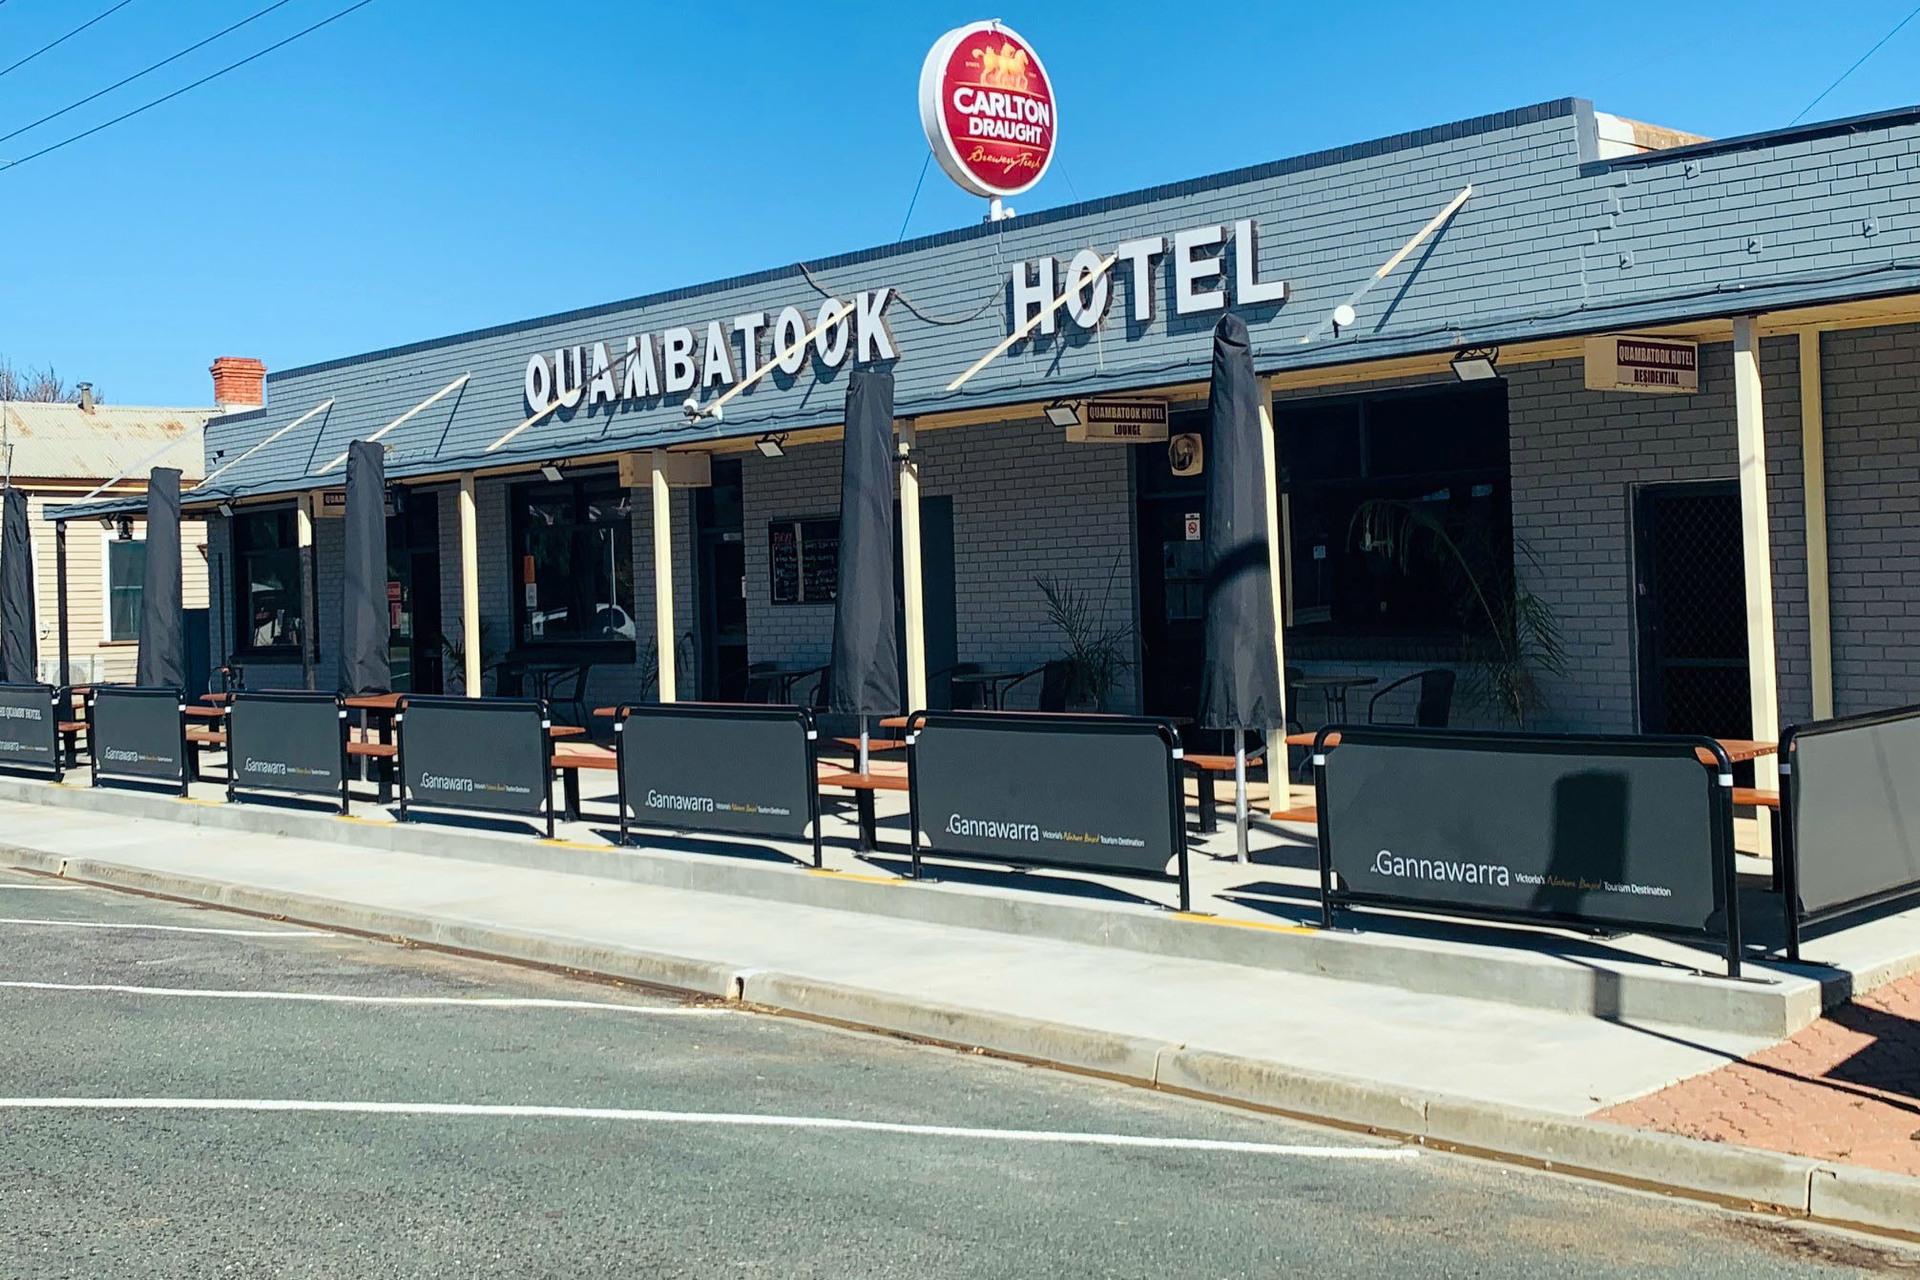 g - Quambatook Hotel